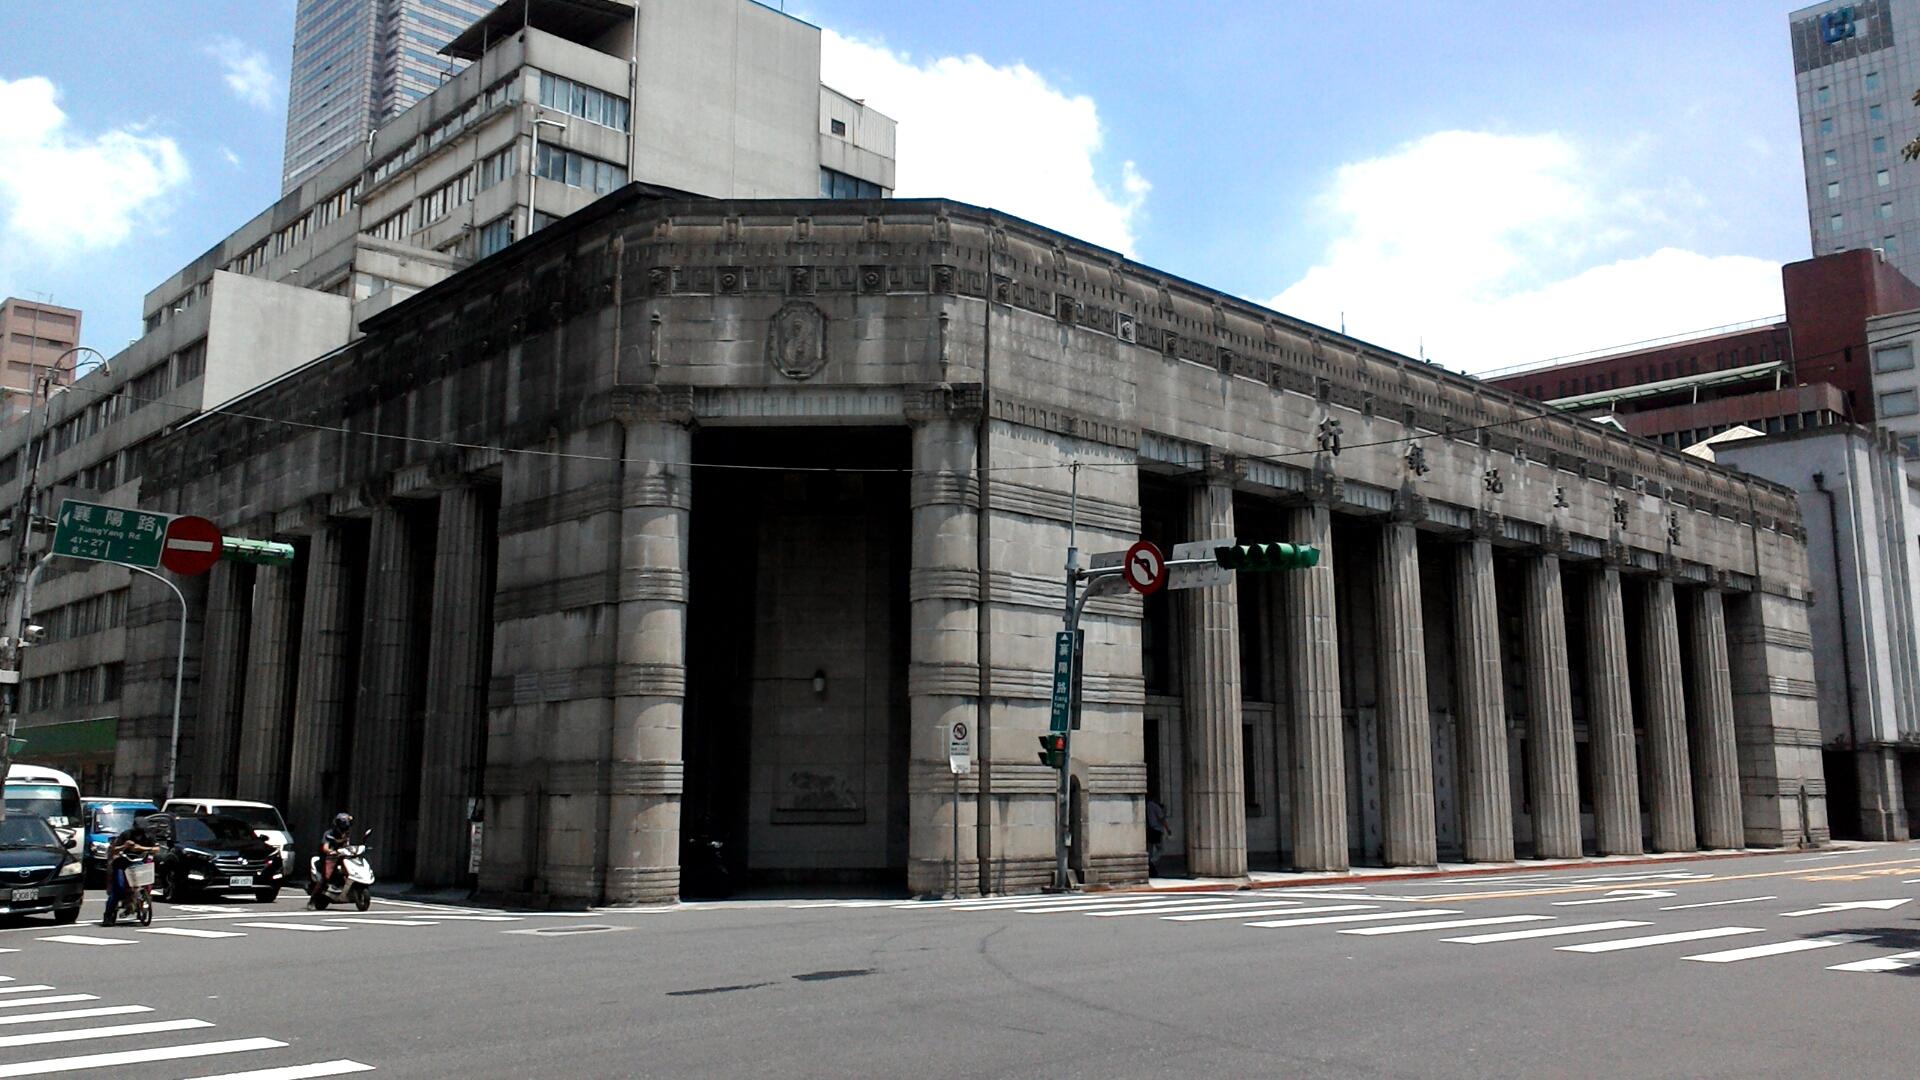 【人気のダウンロード】 銀行 金庫 室 - ここでお気に入りの壁紙畫像を取得